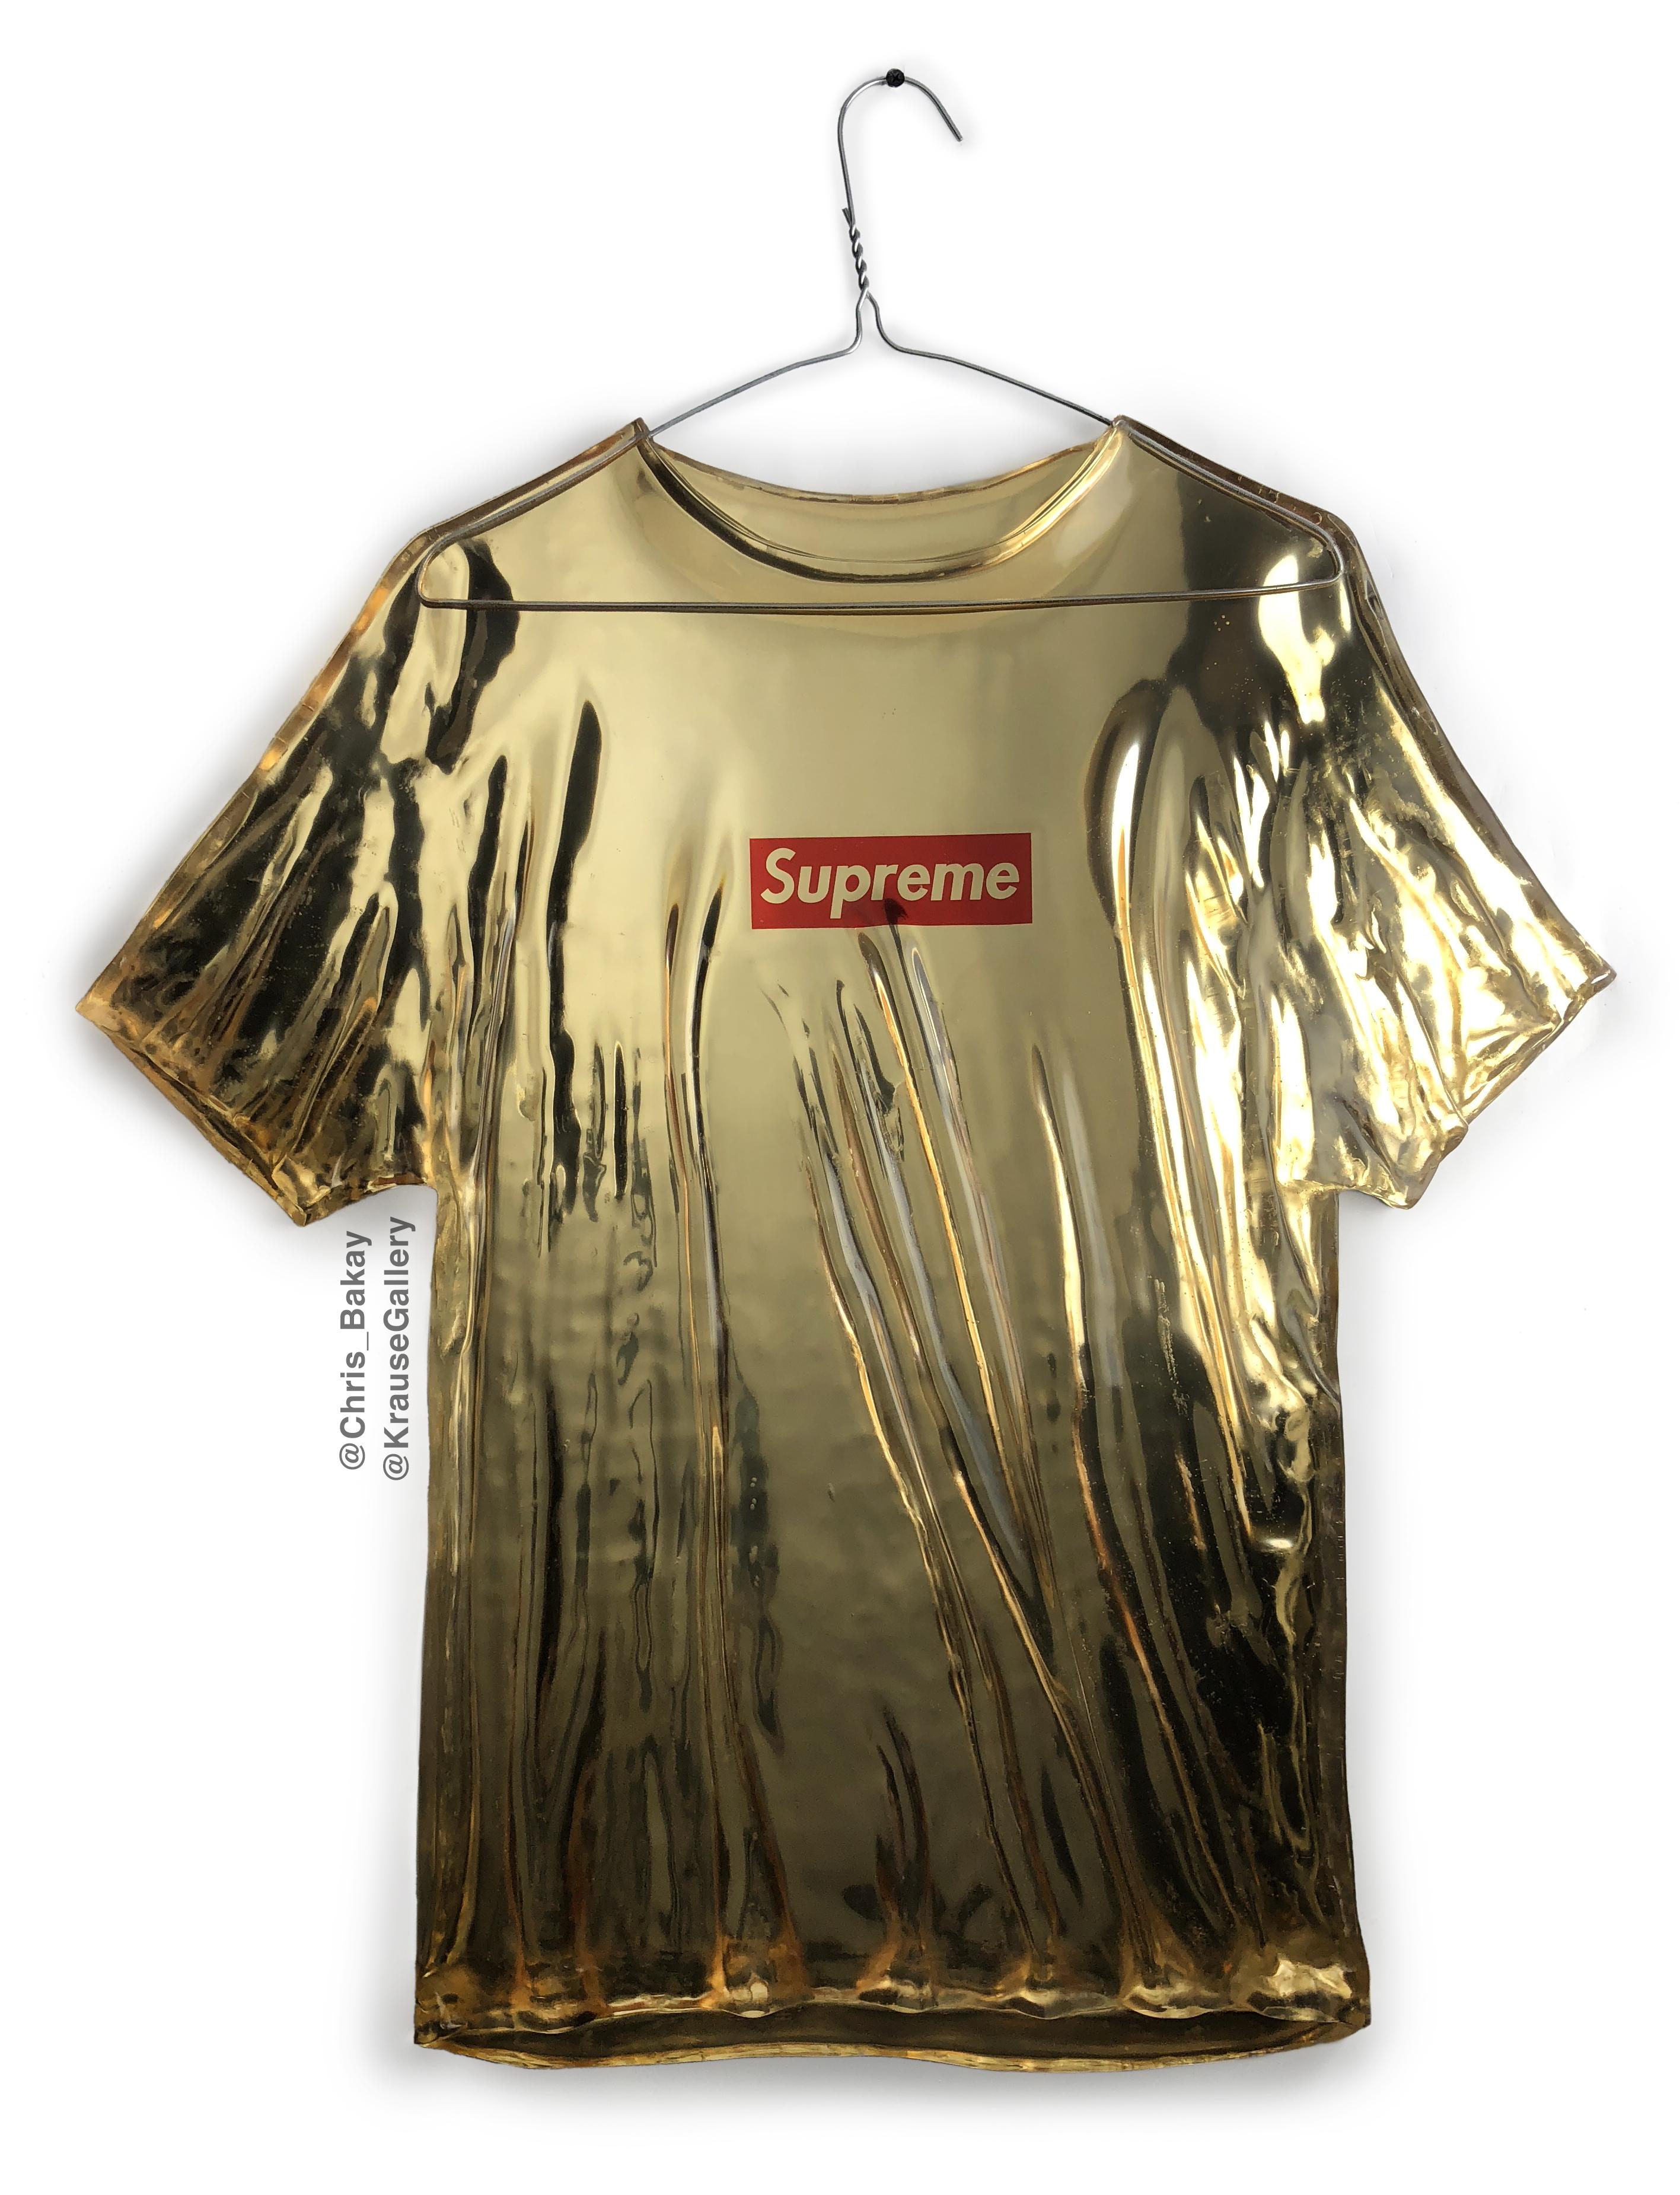 'Gold Supreme'